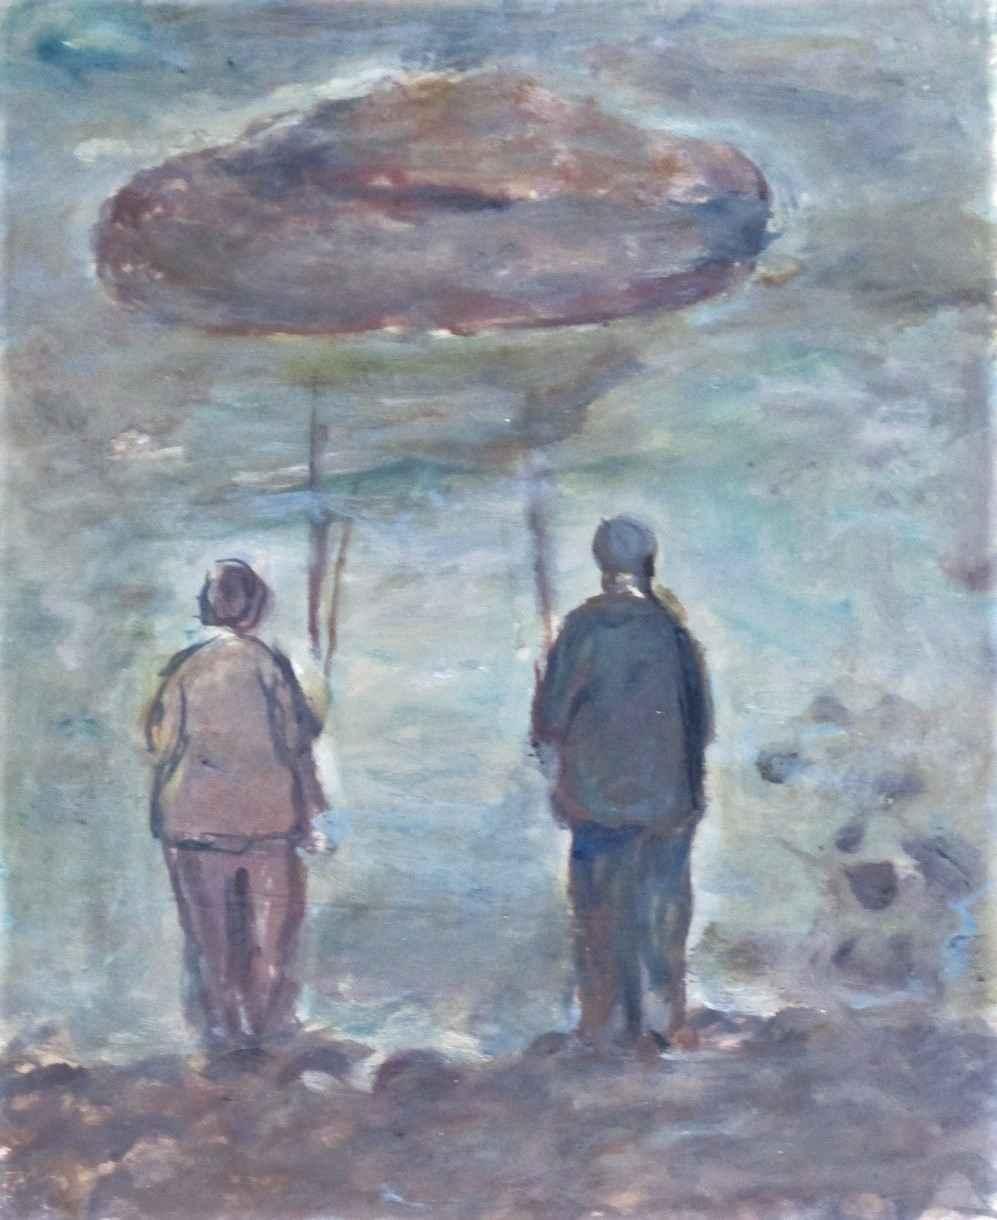 Surf Fisherman by  Arthur Runquist - Masterpiece Online